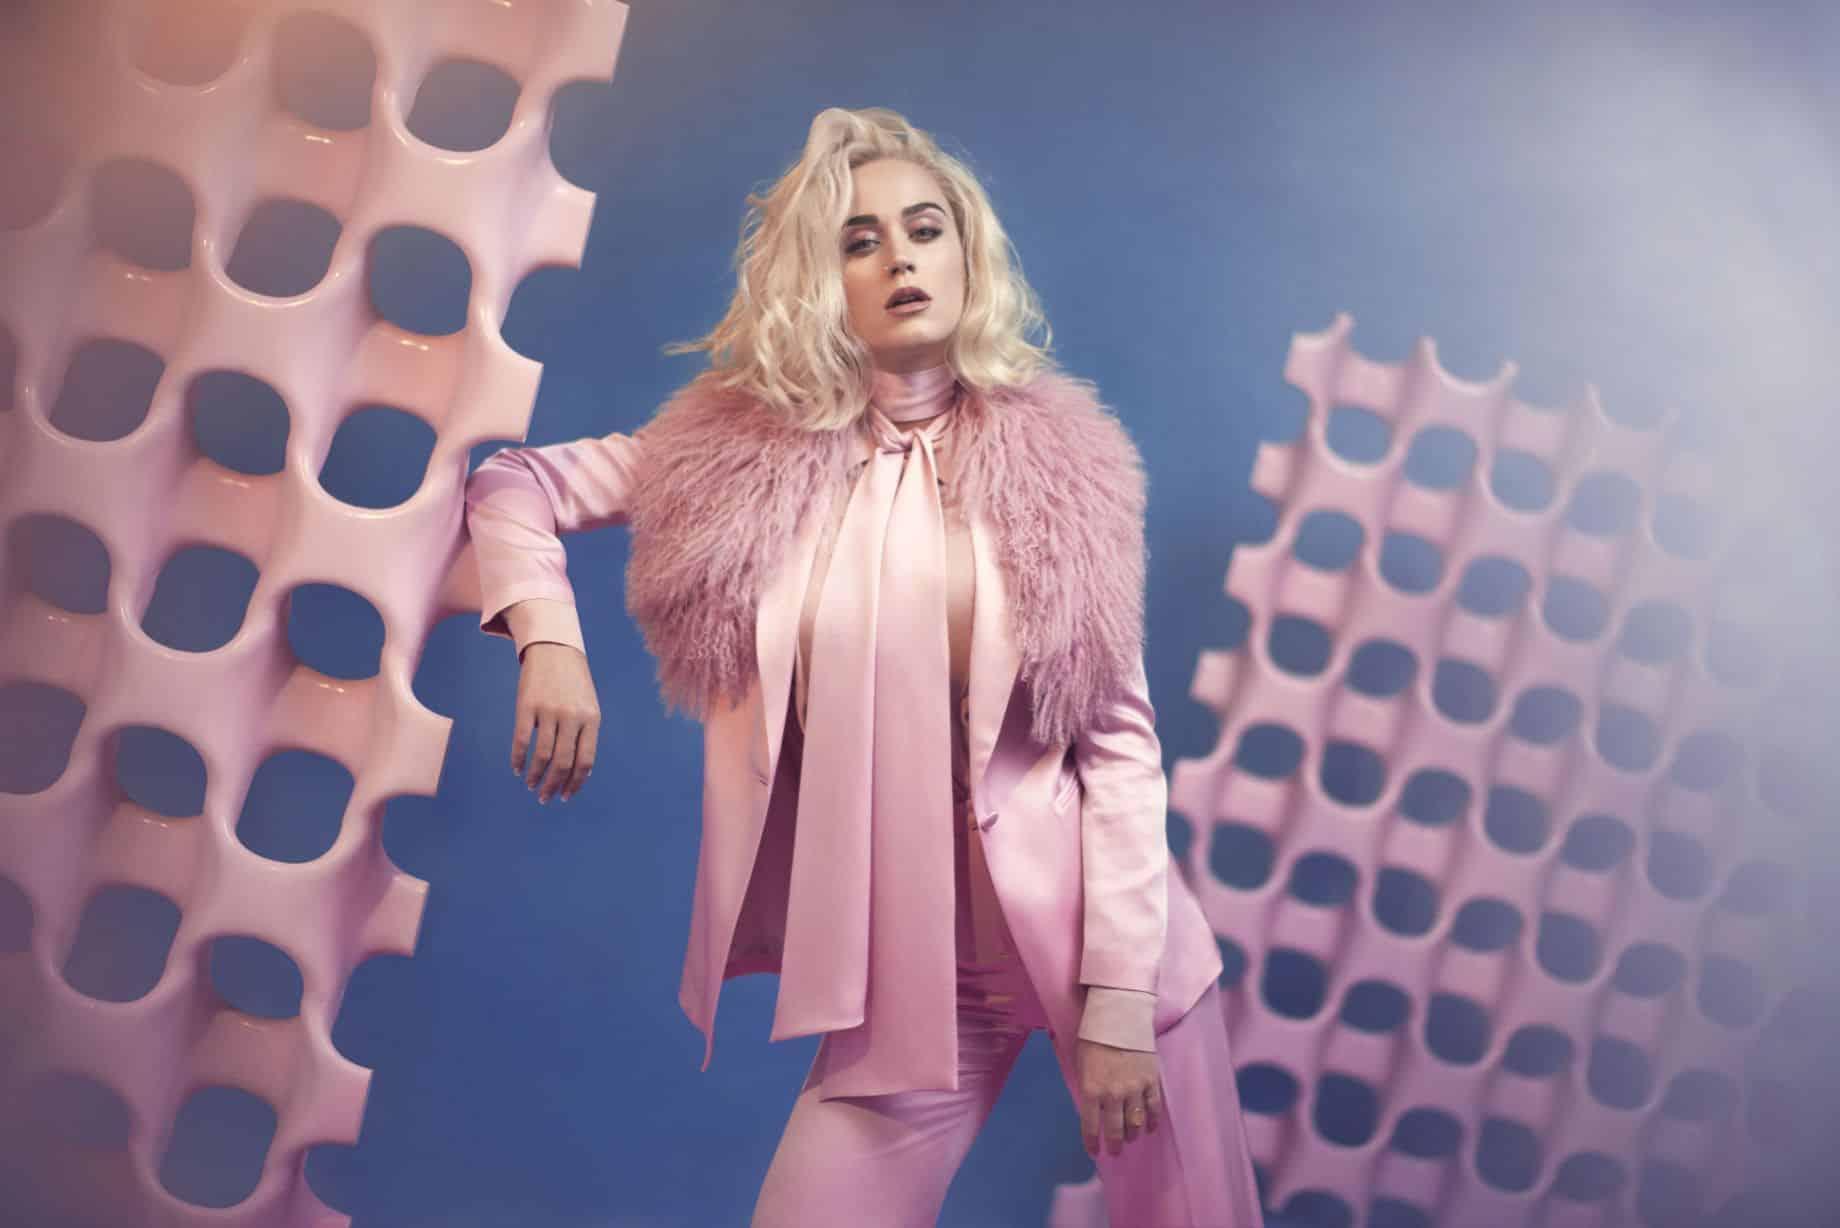 Katy Perry torna con un nuovo singolo:  grande attesa per la sua performance ai Grammy Awards